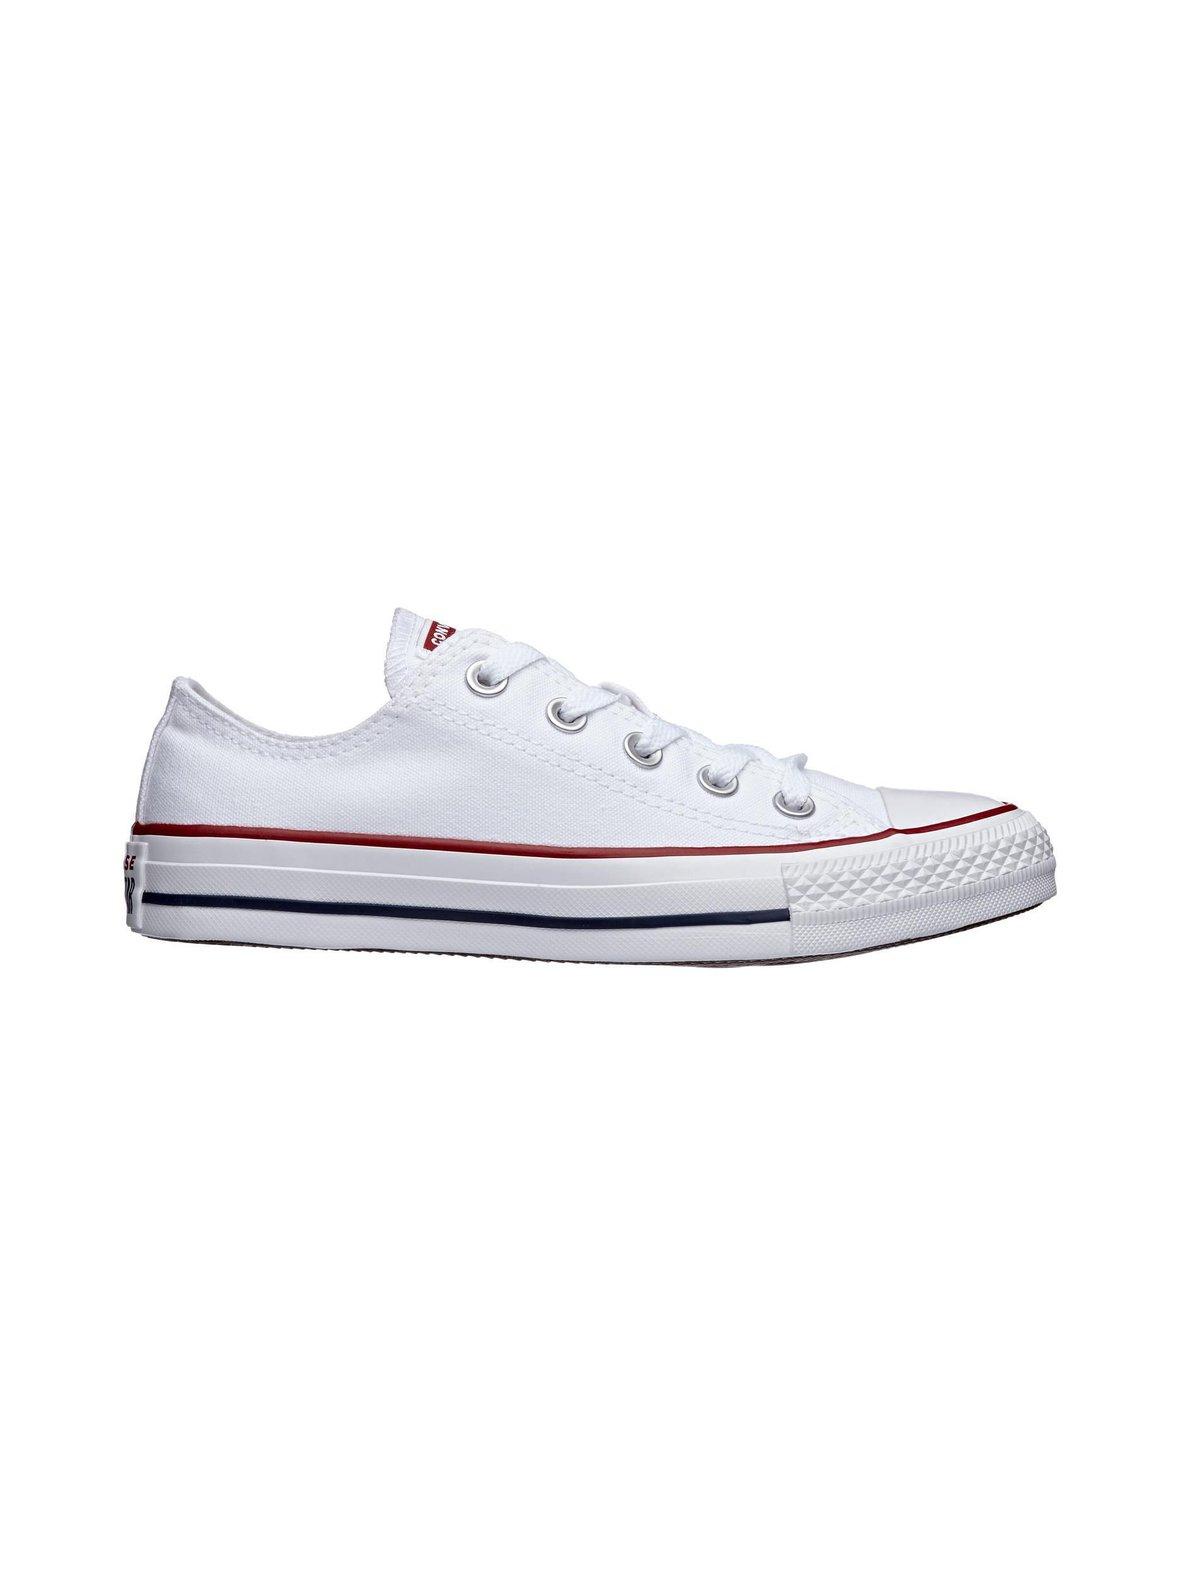 Optical White Converse Chuck Taylor All Star Low Top -tennarit  6ba2cb67a5